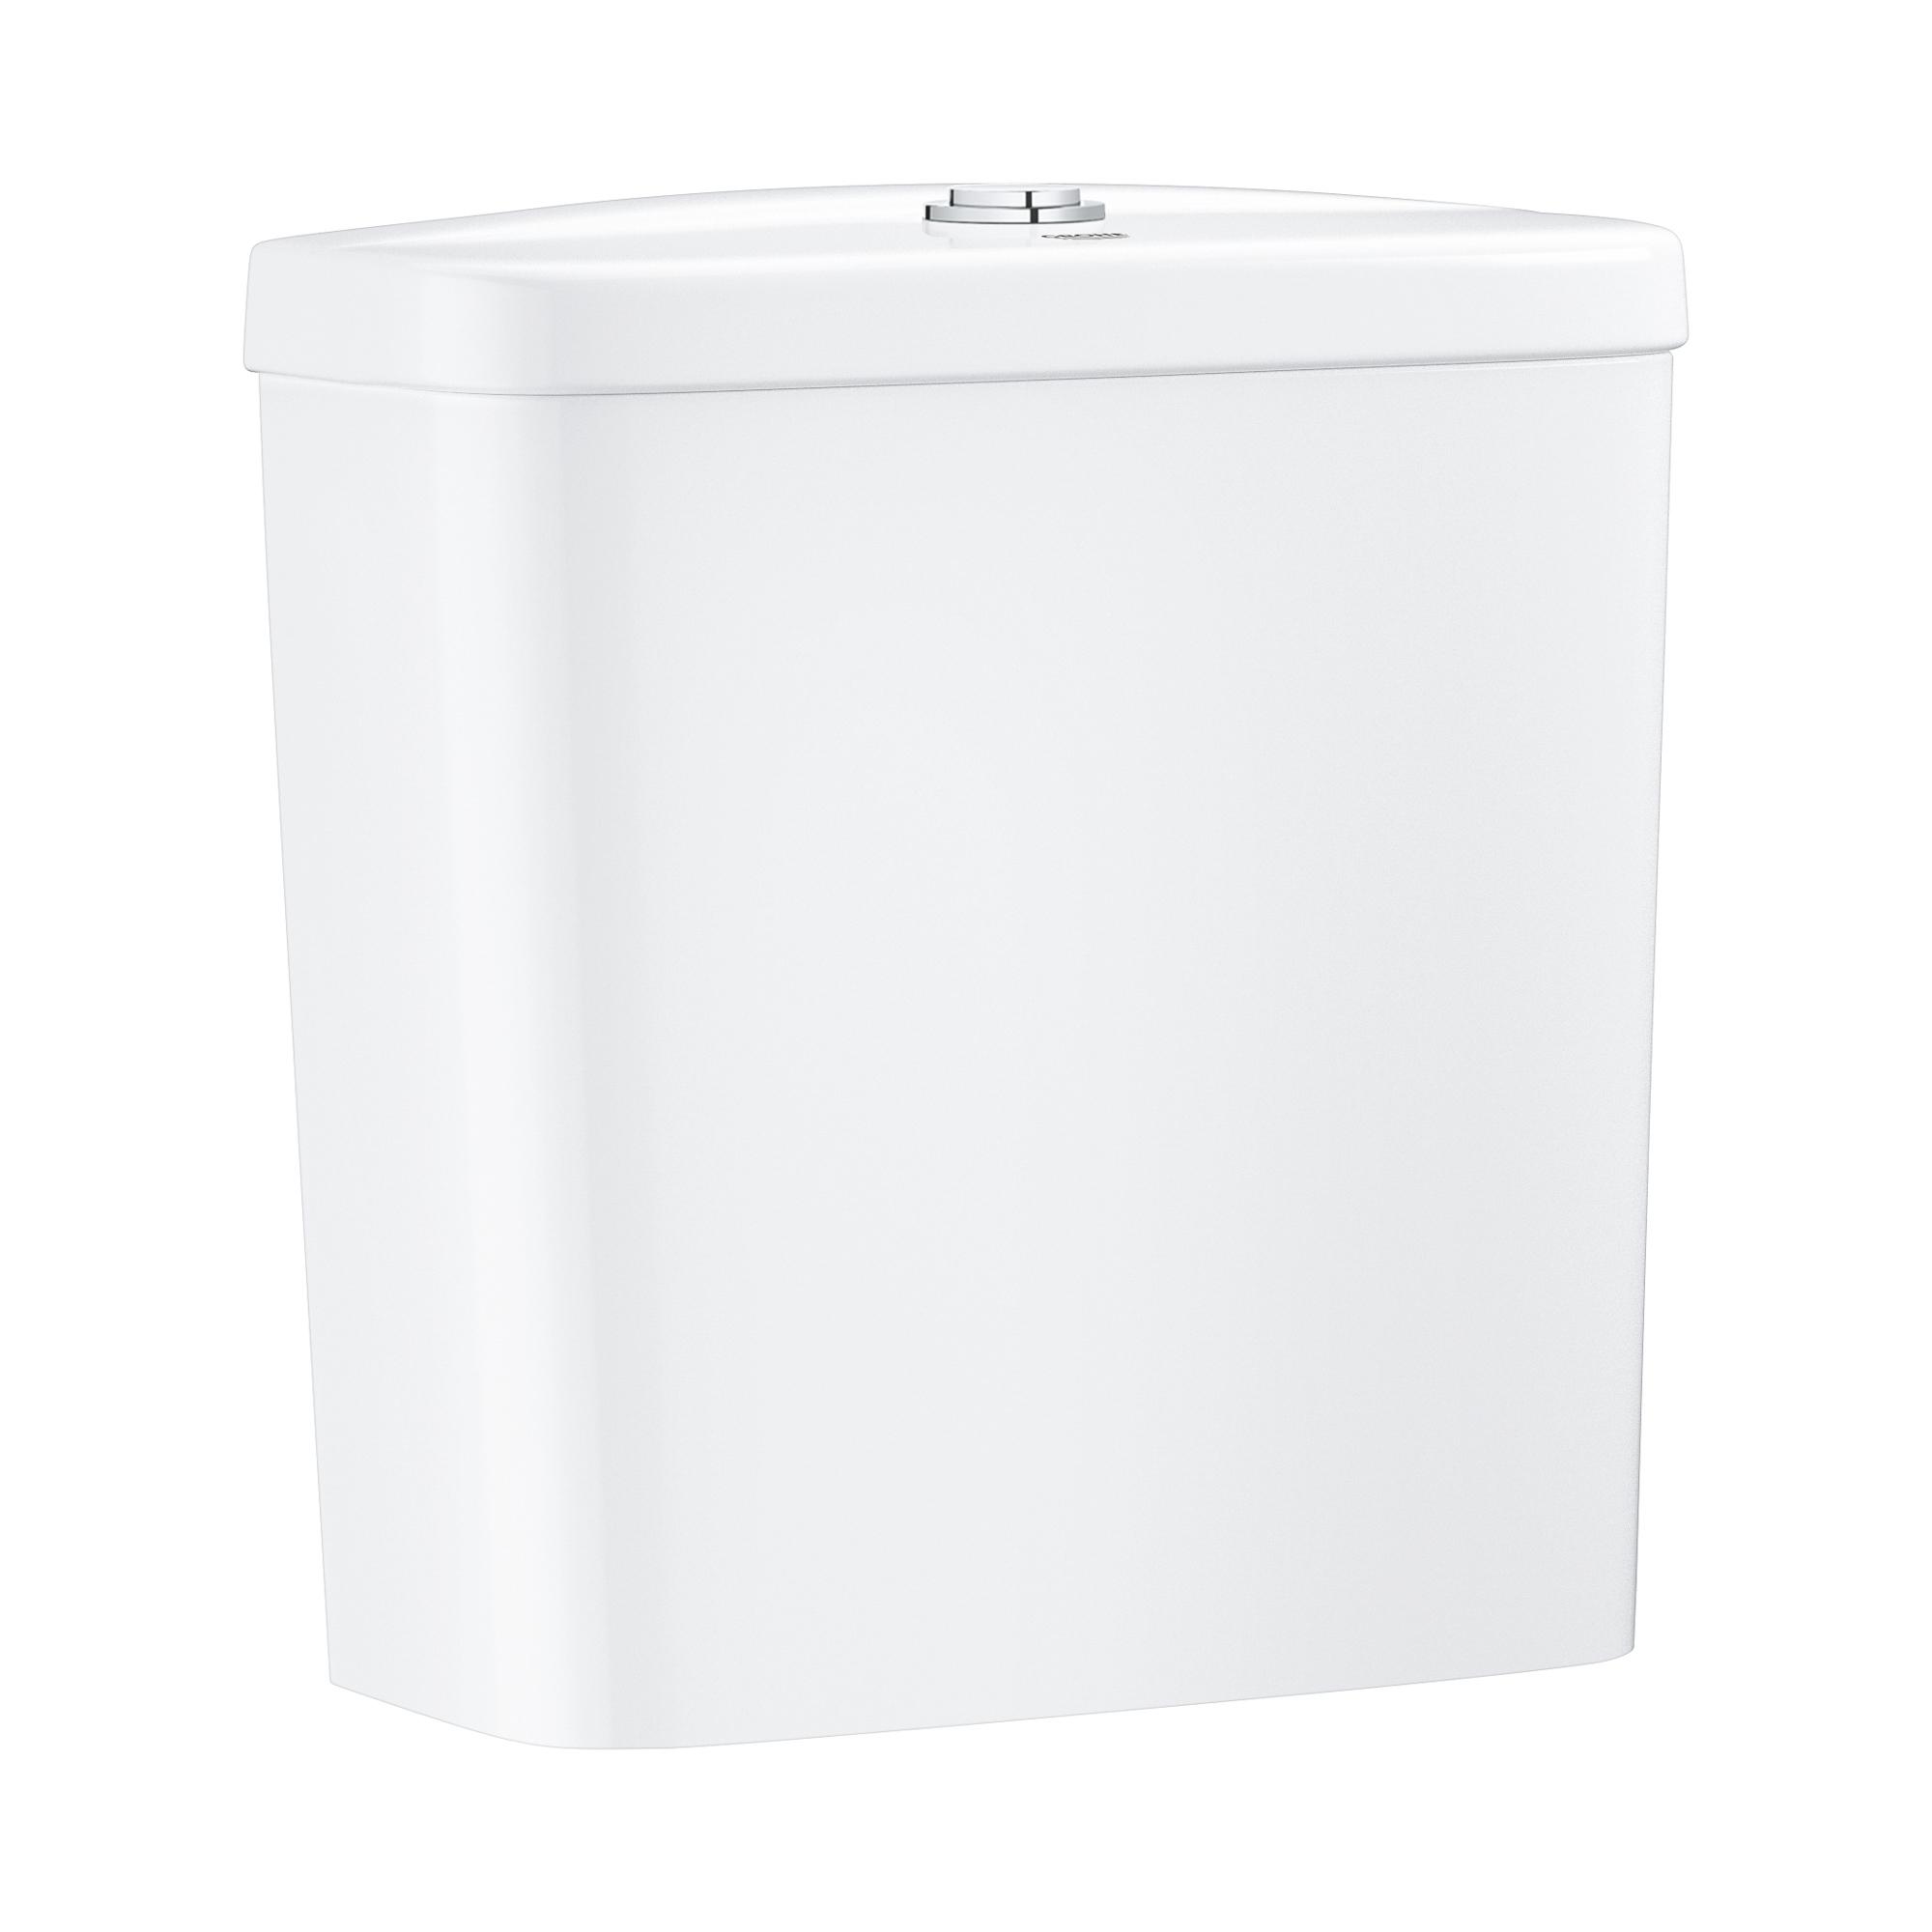 Купить Смывной бачок для унитаза GROHE Bau Ceramic, подводка снизу, альпин-белый (39436000), Вьетнам, сантехнический фарфор